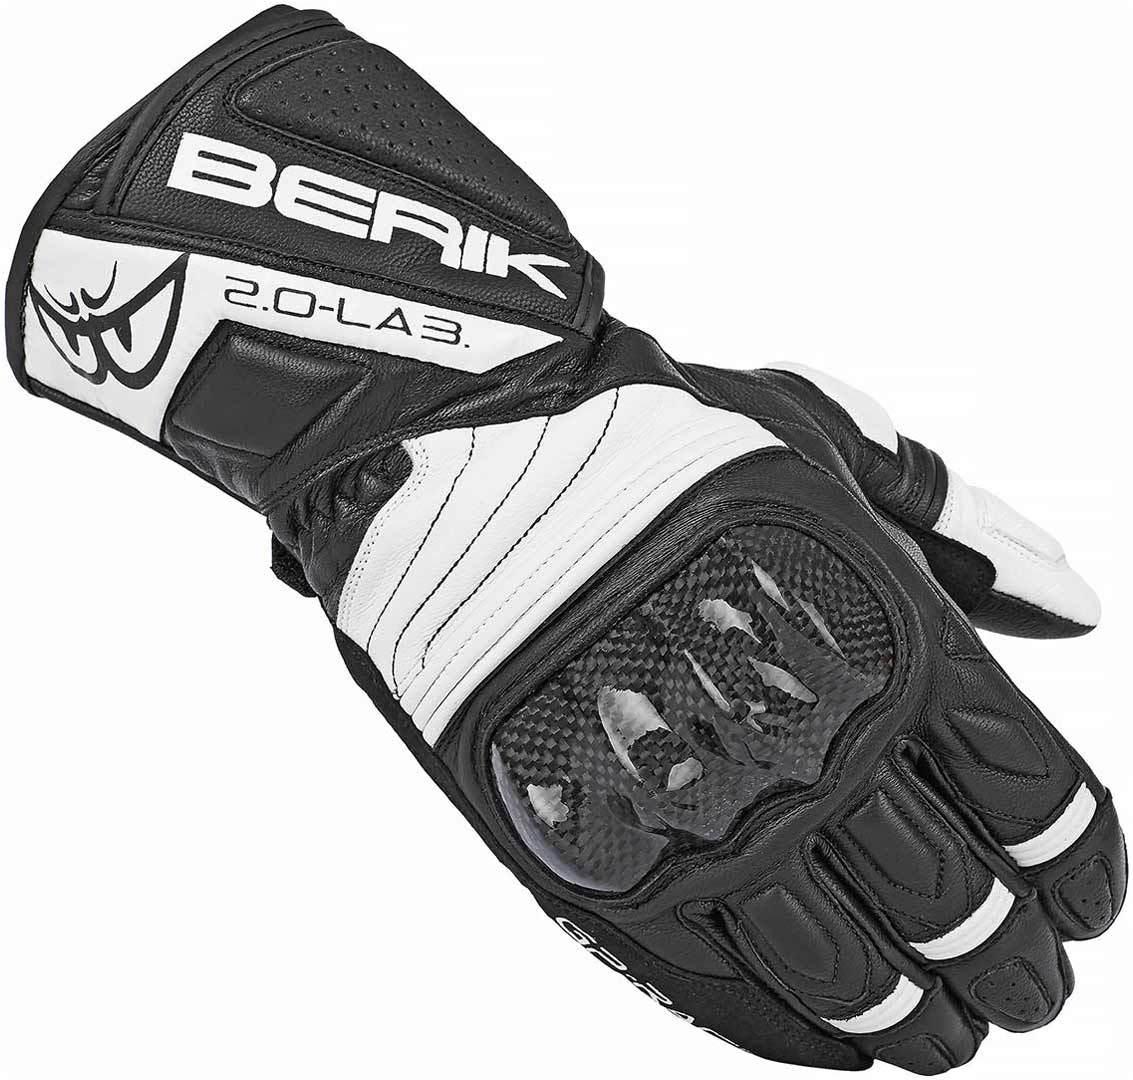 Berik Zoldar Motorradhandschuhe, schwarz-weiss, Größe L, schwarz-weiss, Größe L